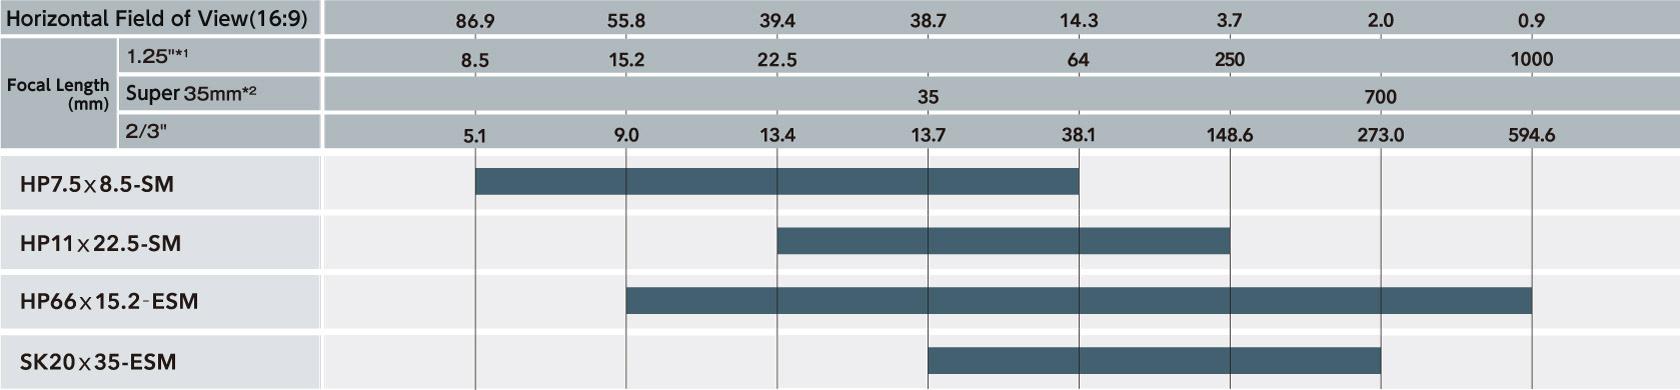 [이미지] 모델 번호별 수평 시야(16:9)와 초점 길이(mm)를 비교하는 차트